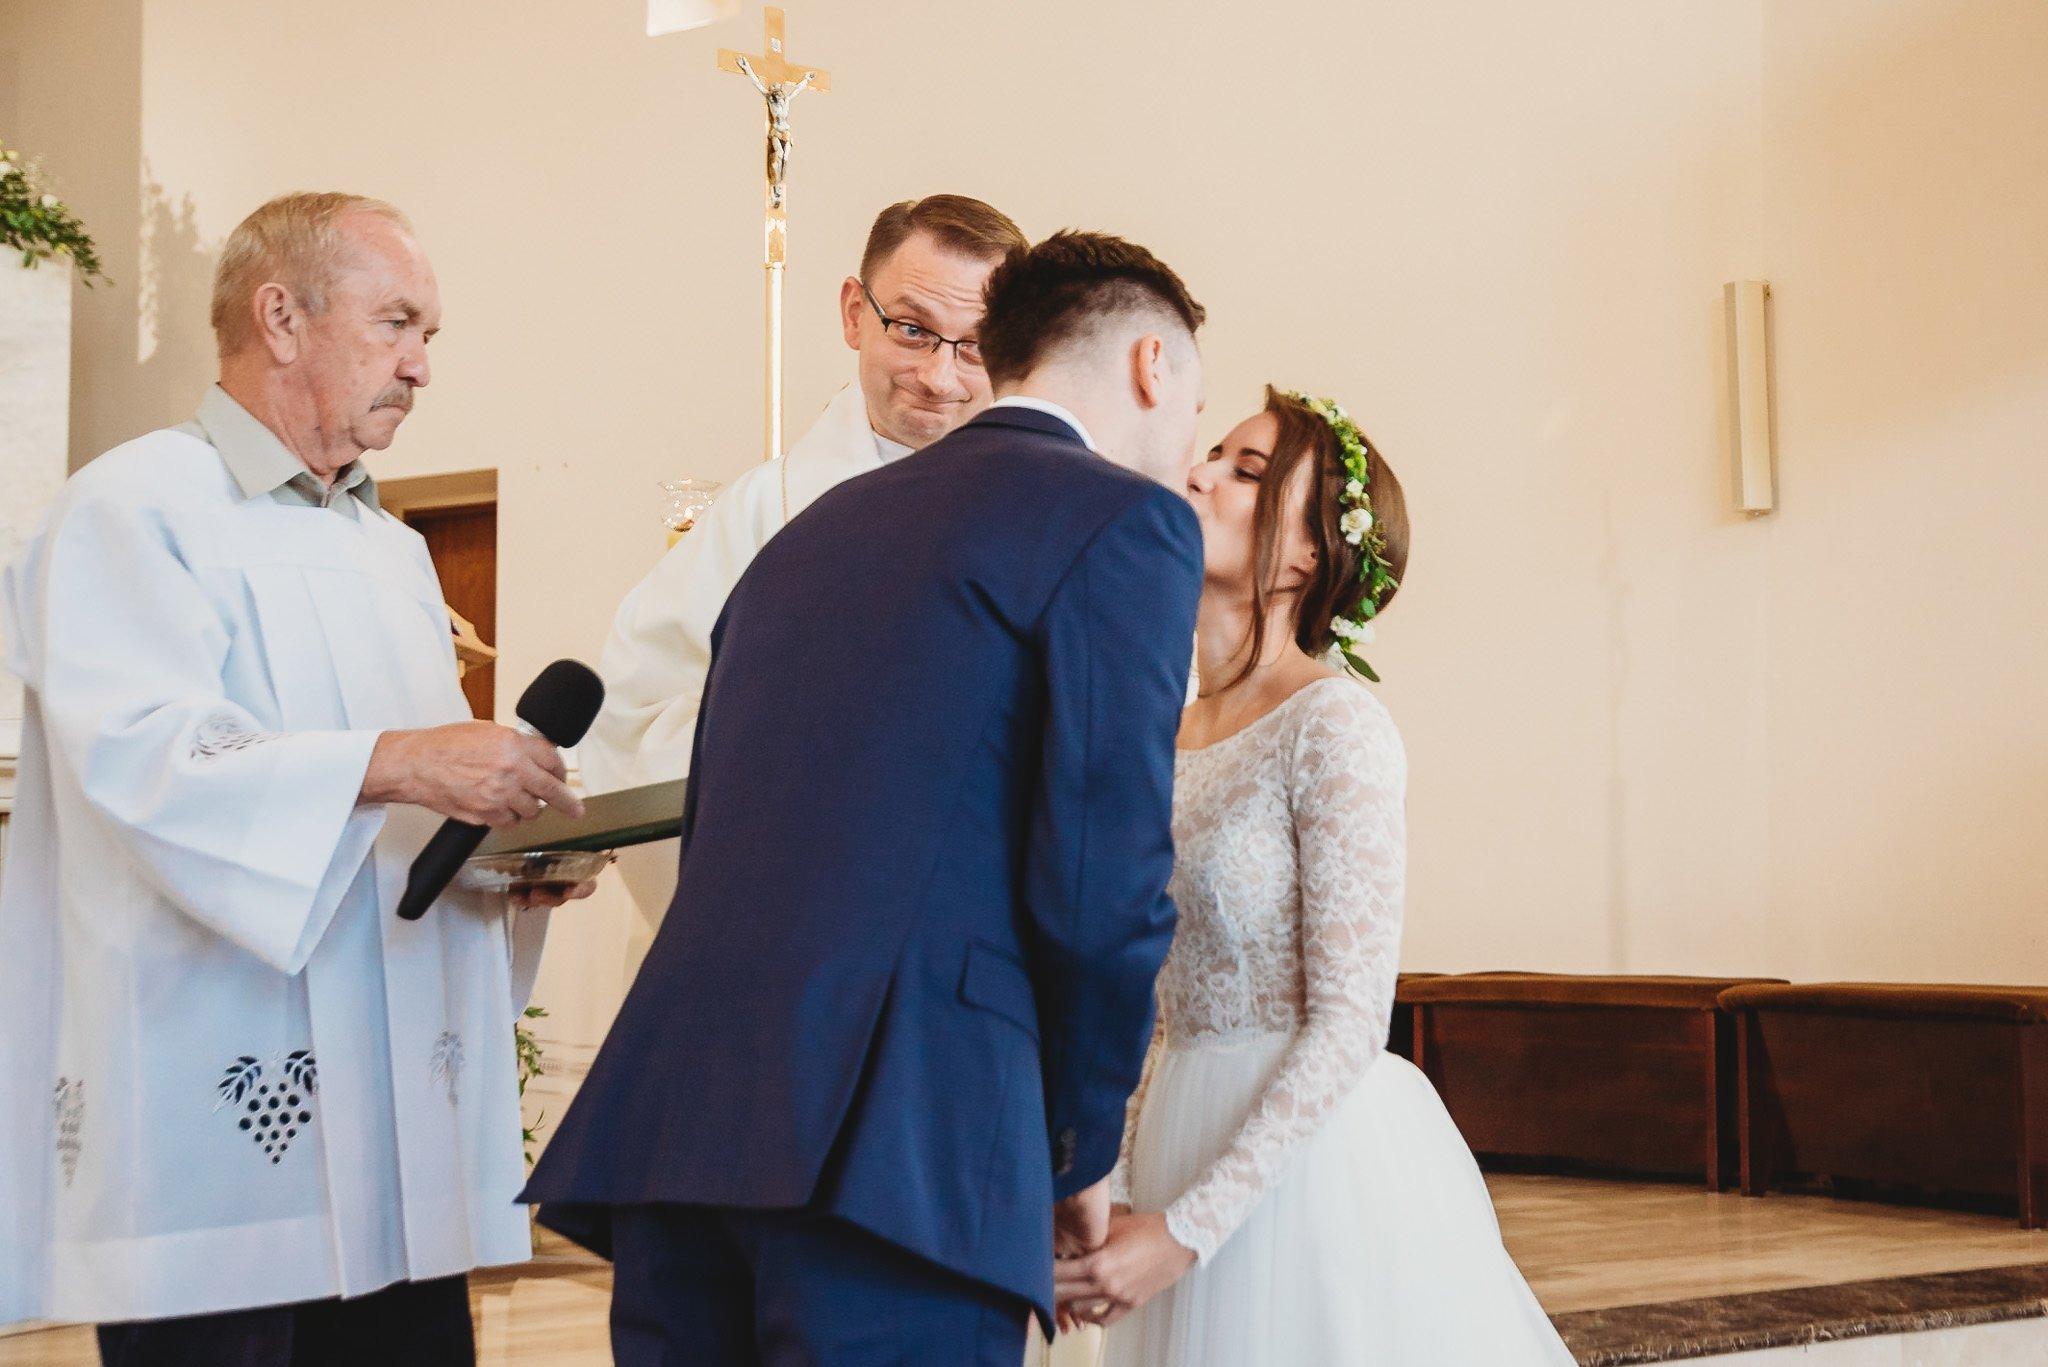 Fantastyczny ślub w stylu rustykalnym, wesele w Kapitańskiej  fotograf ślubny Konin 127